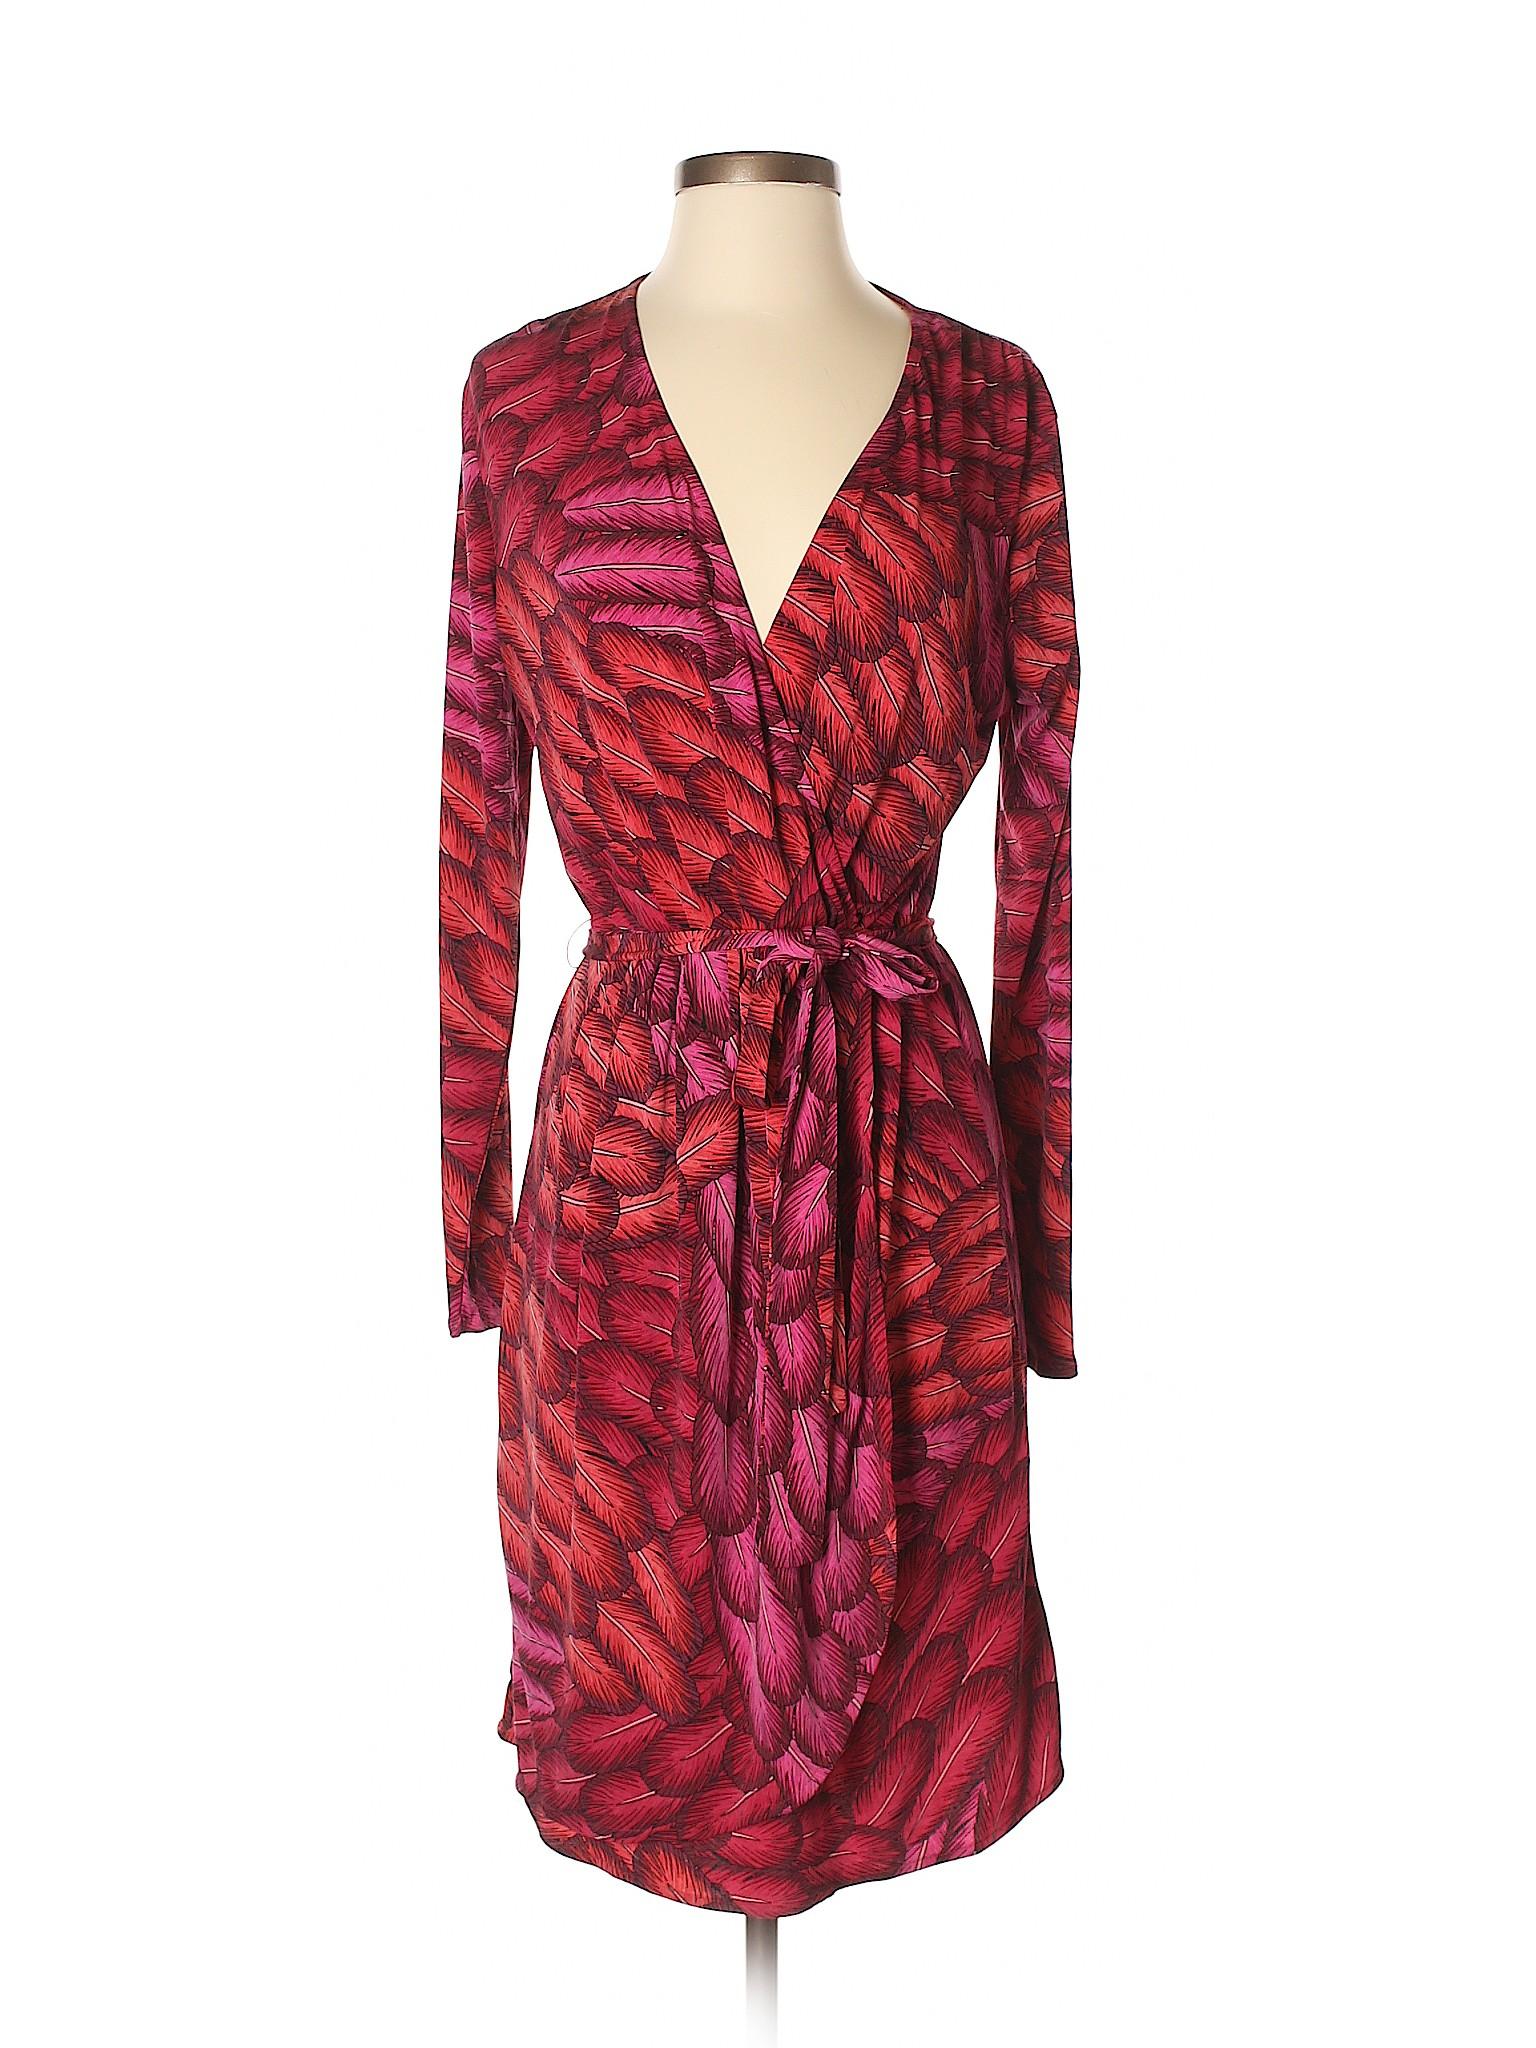 Hoffman Boutique Dress Mara Winter Casual Gypsy By Z1qH1w